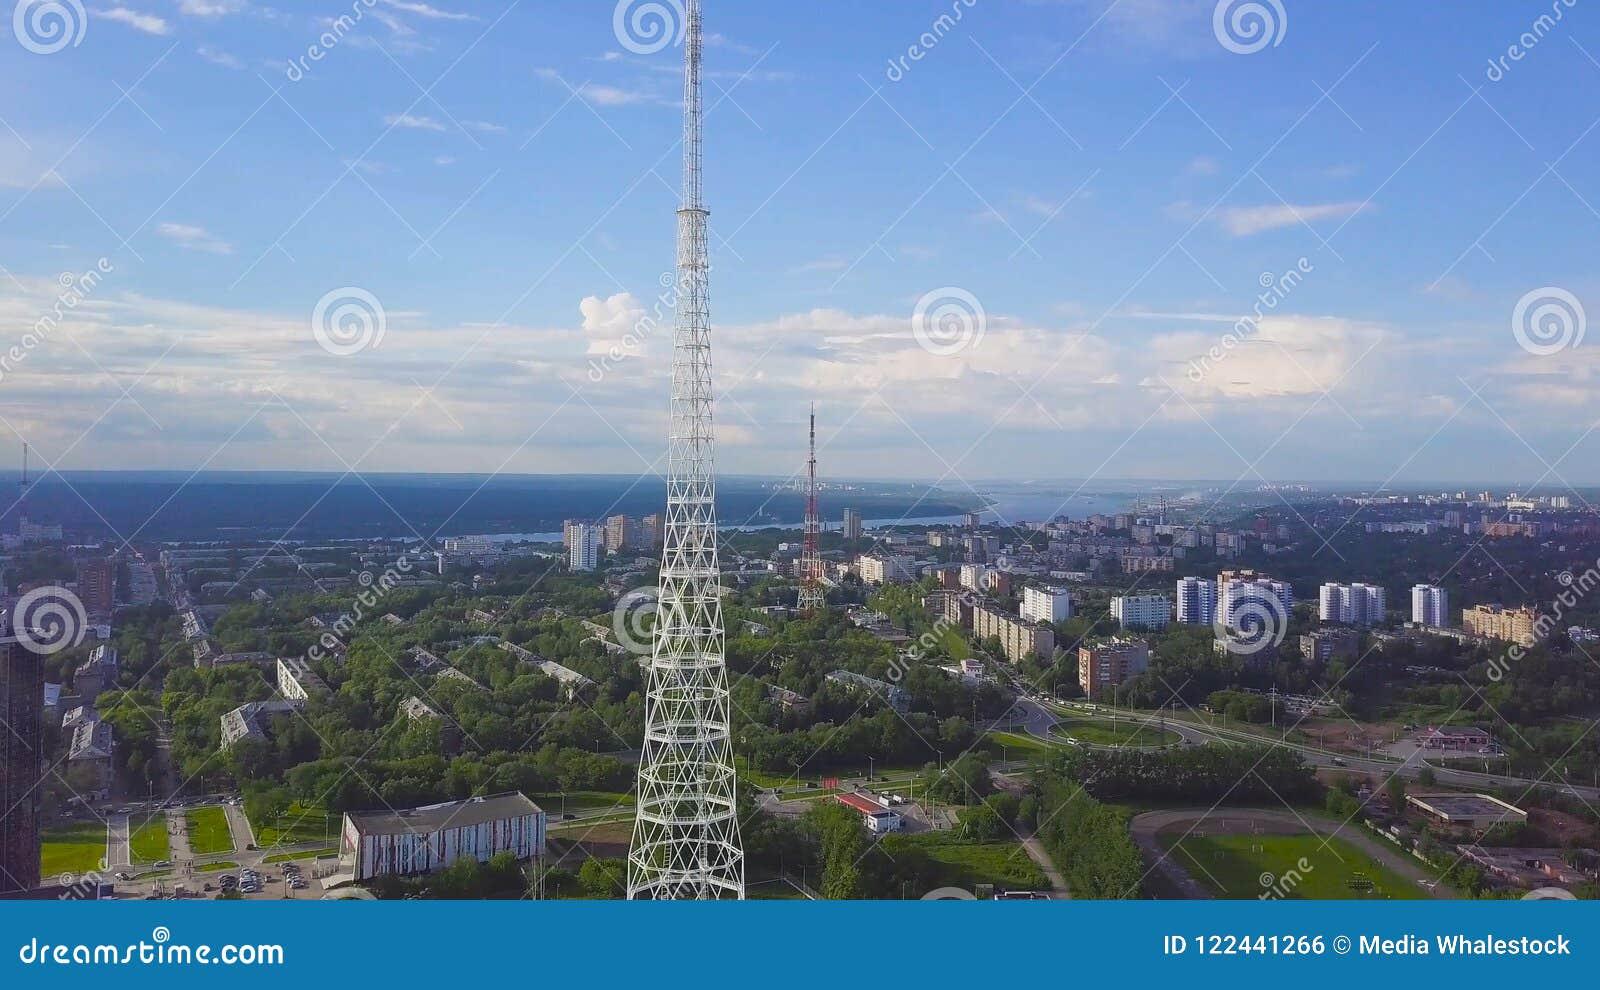 Ansicht von Fernsehtürmen mit Hintergrund des blauen Himmels, des Berges und des Stadtbilds bildschirm Draufsicht des Radioturms